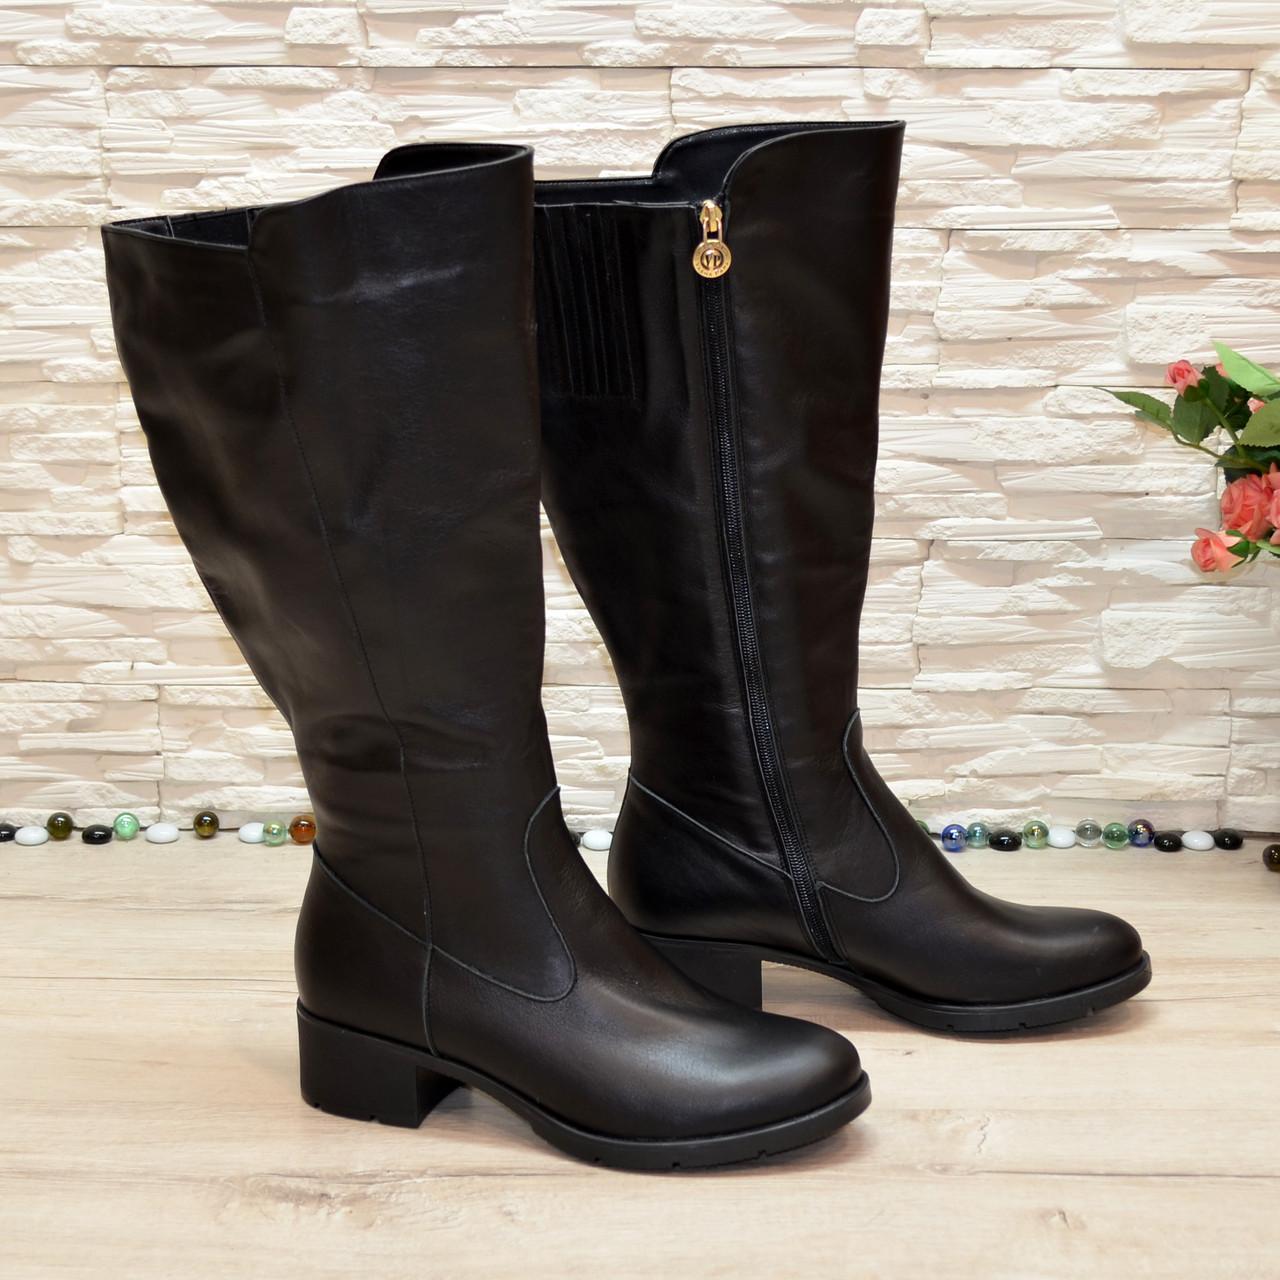 Женские классические кожаные сапоги на невысоком каблуке. Батал!